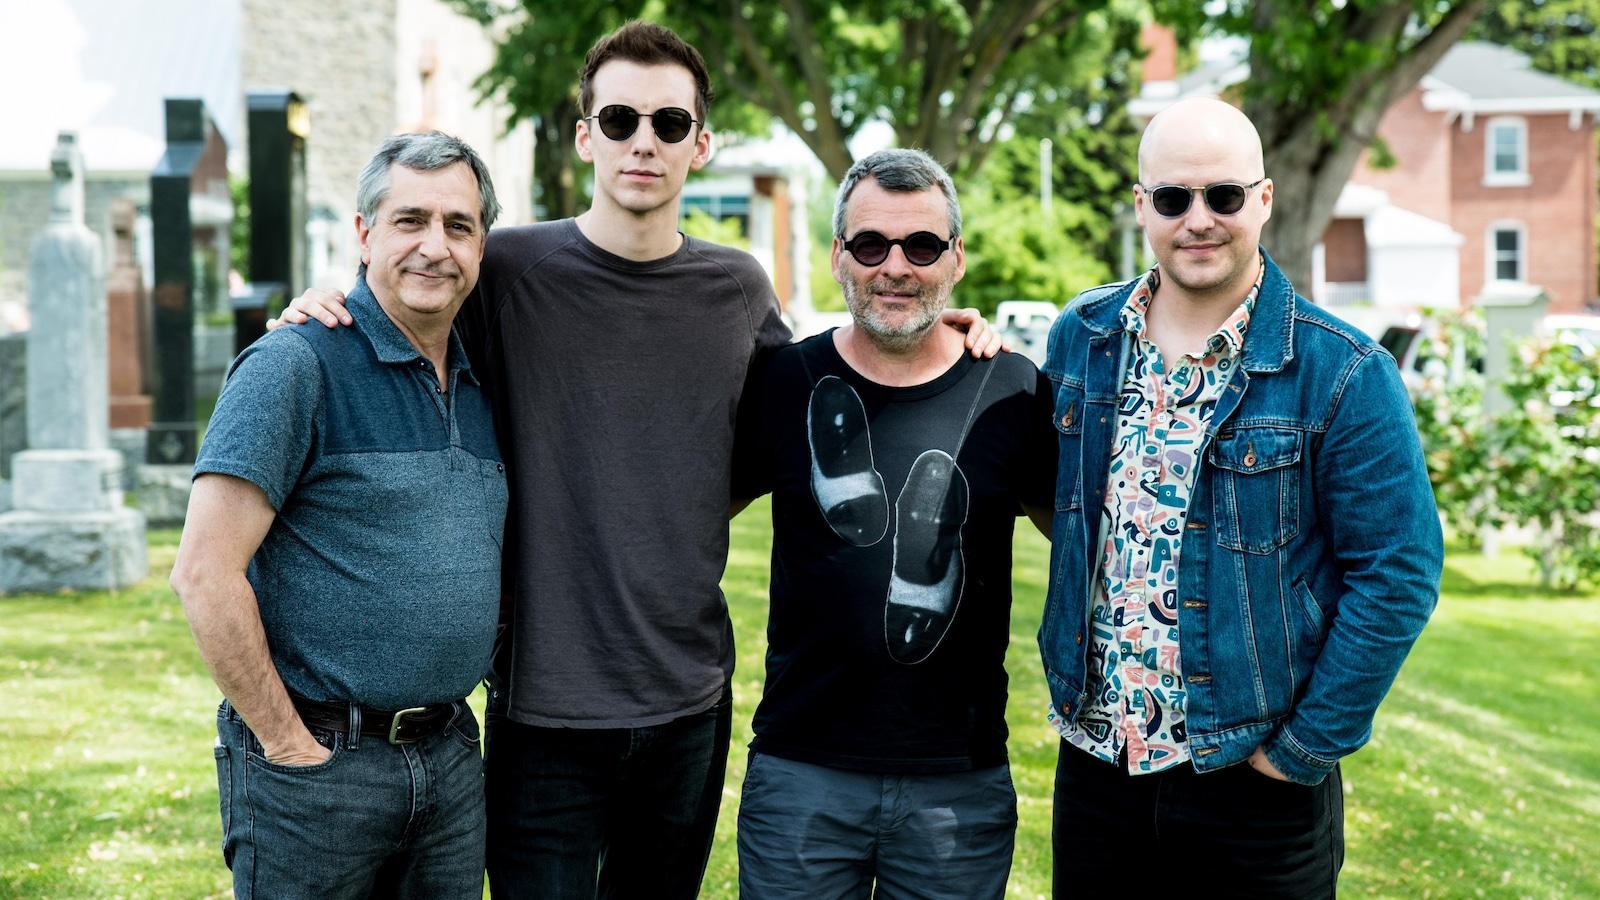 Martin Drainville, Pier-Luc Funk, Serge Boucher et Marc-André Grondin posent en groupe pour une photo.